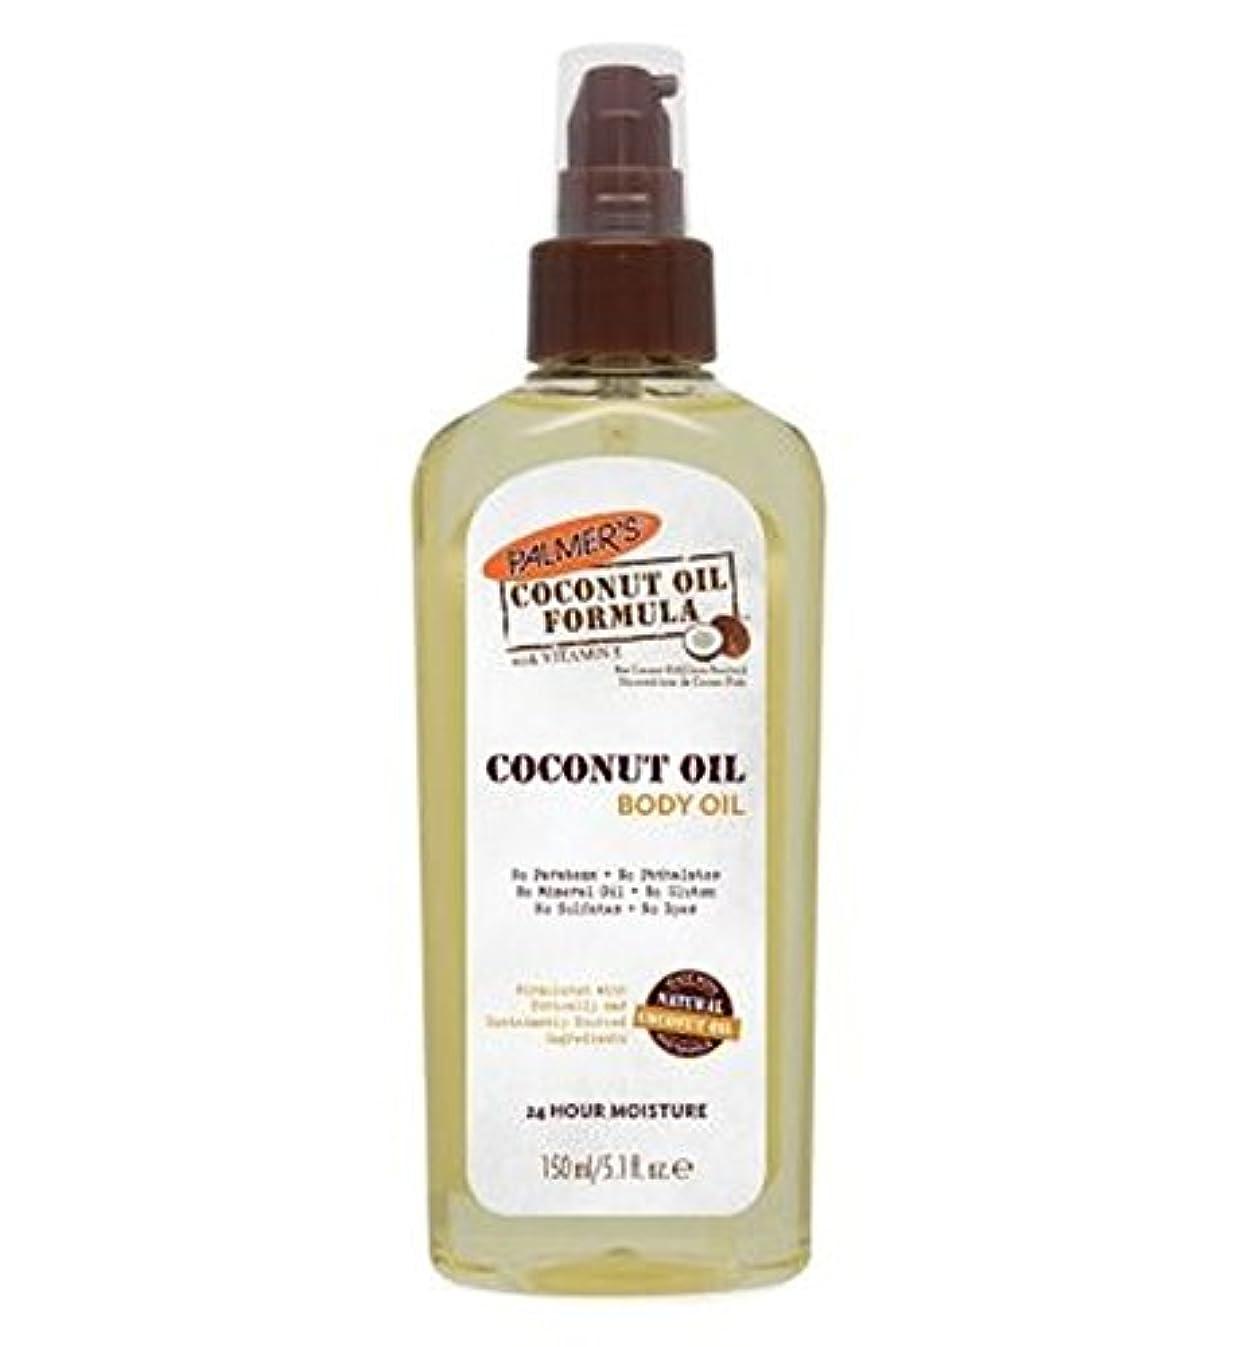 ホバート刺す食事を調理するPalmer's Coconut Oil Formula Body Oil 150ml - パーマーのココナッツオイル式ボディオイル150ミリリットル (Palmer's) [並行輸入品]